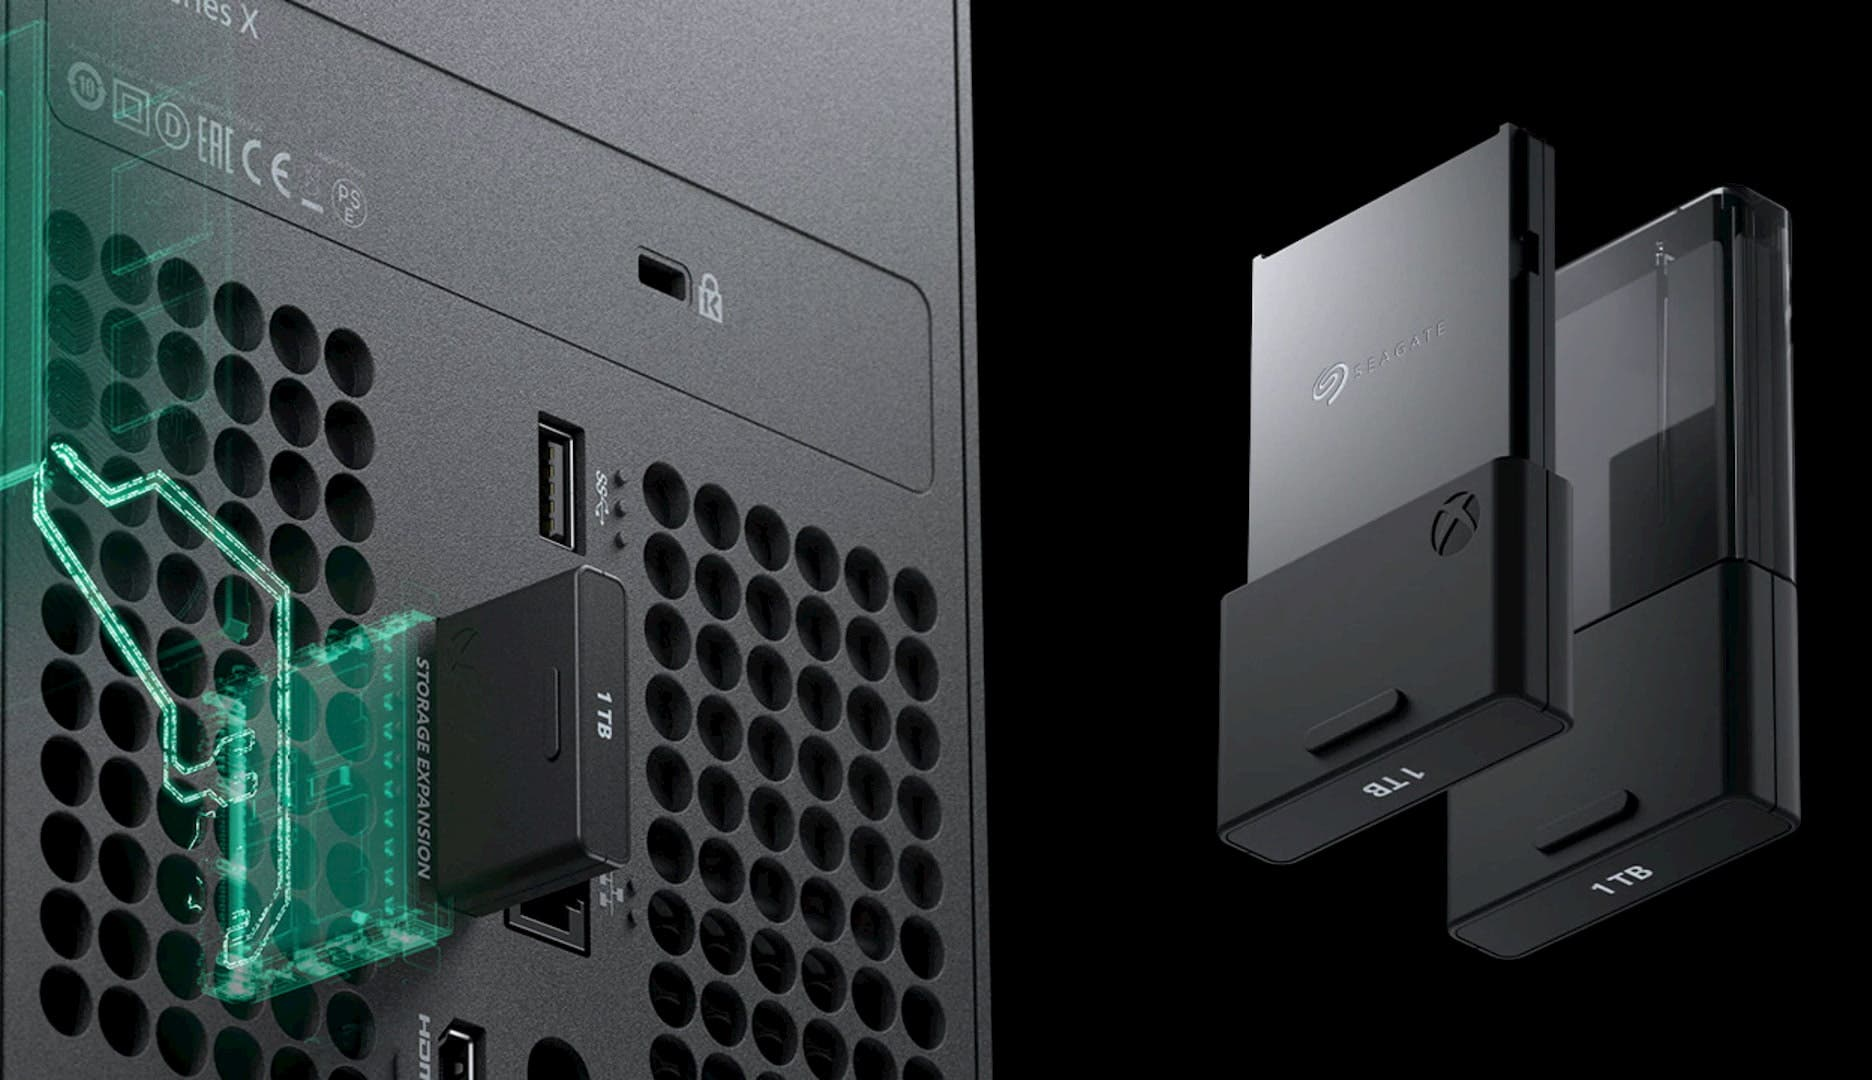 Las reservas de la tarjeta de memoria de Xbox Series X confirman su alto precio 8